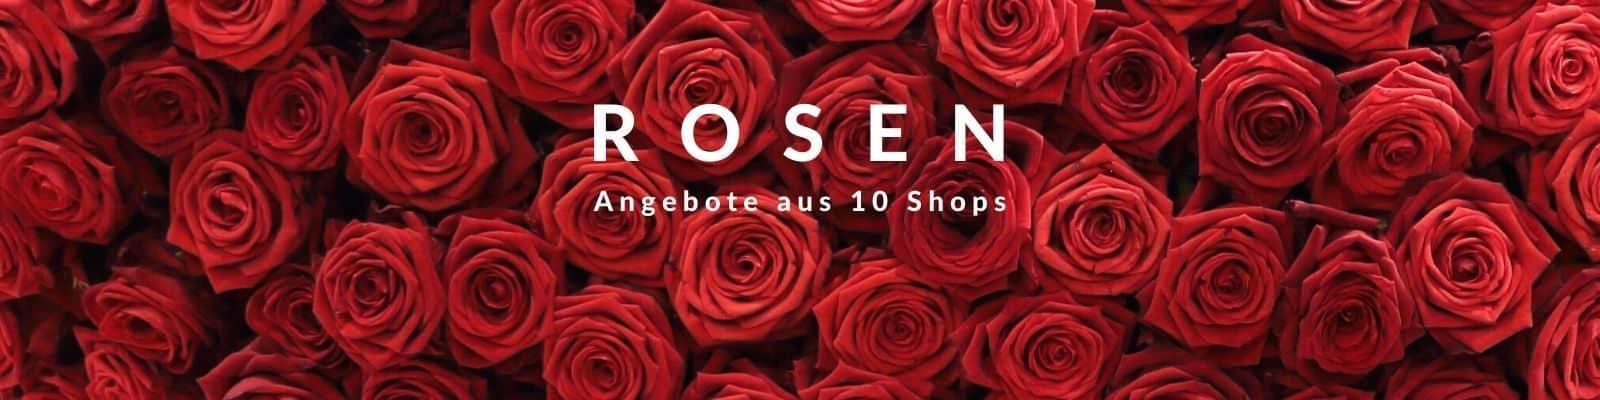 Rosen verschicken - Rosenversand